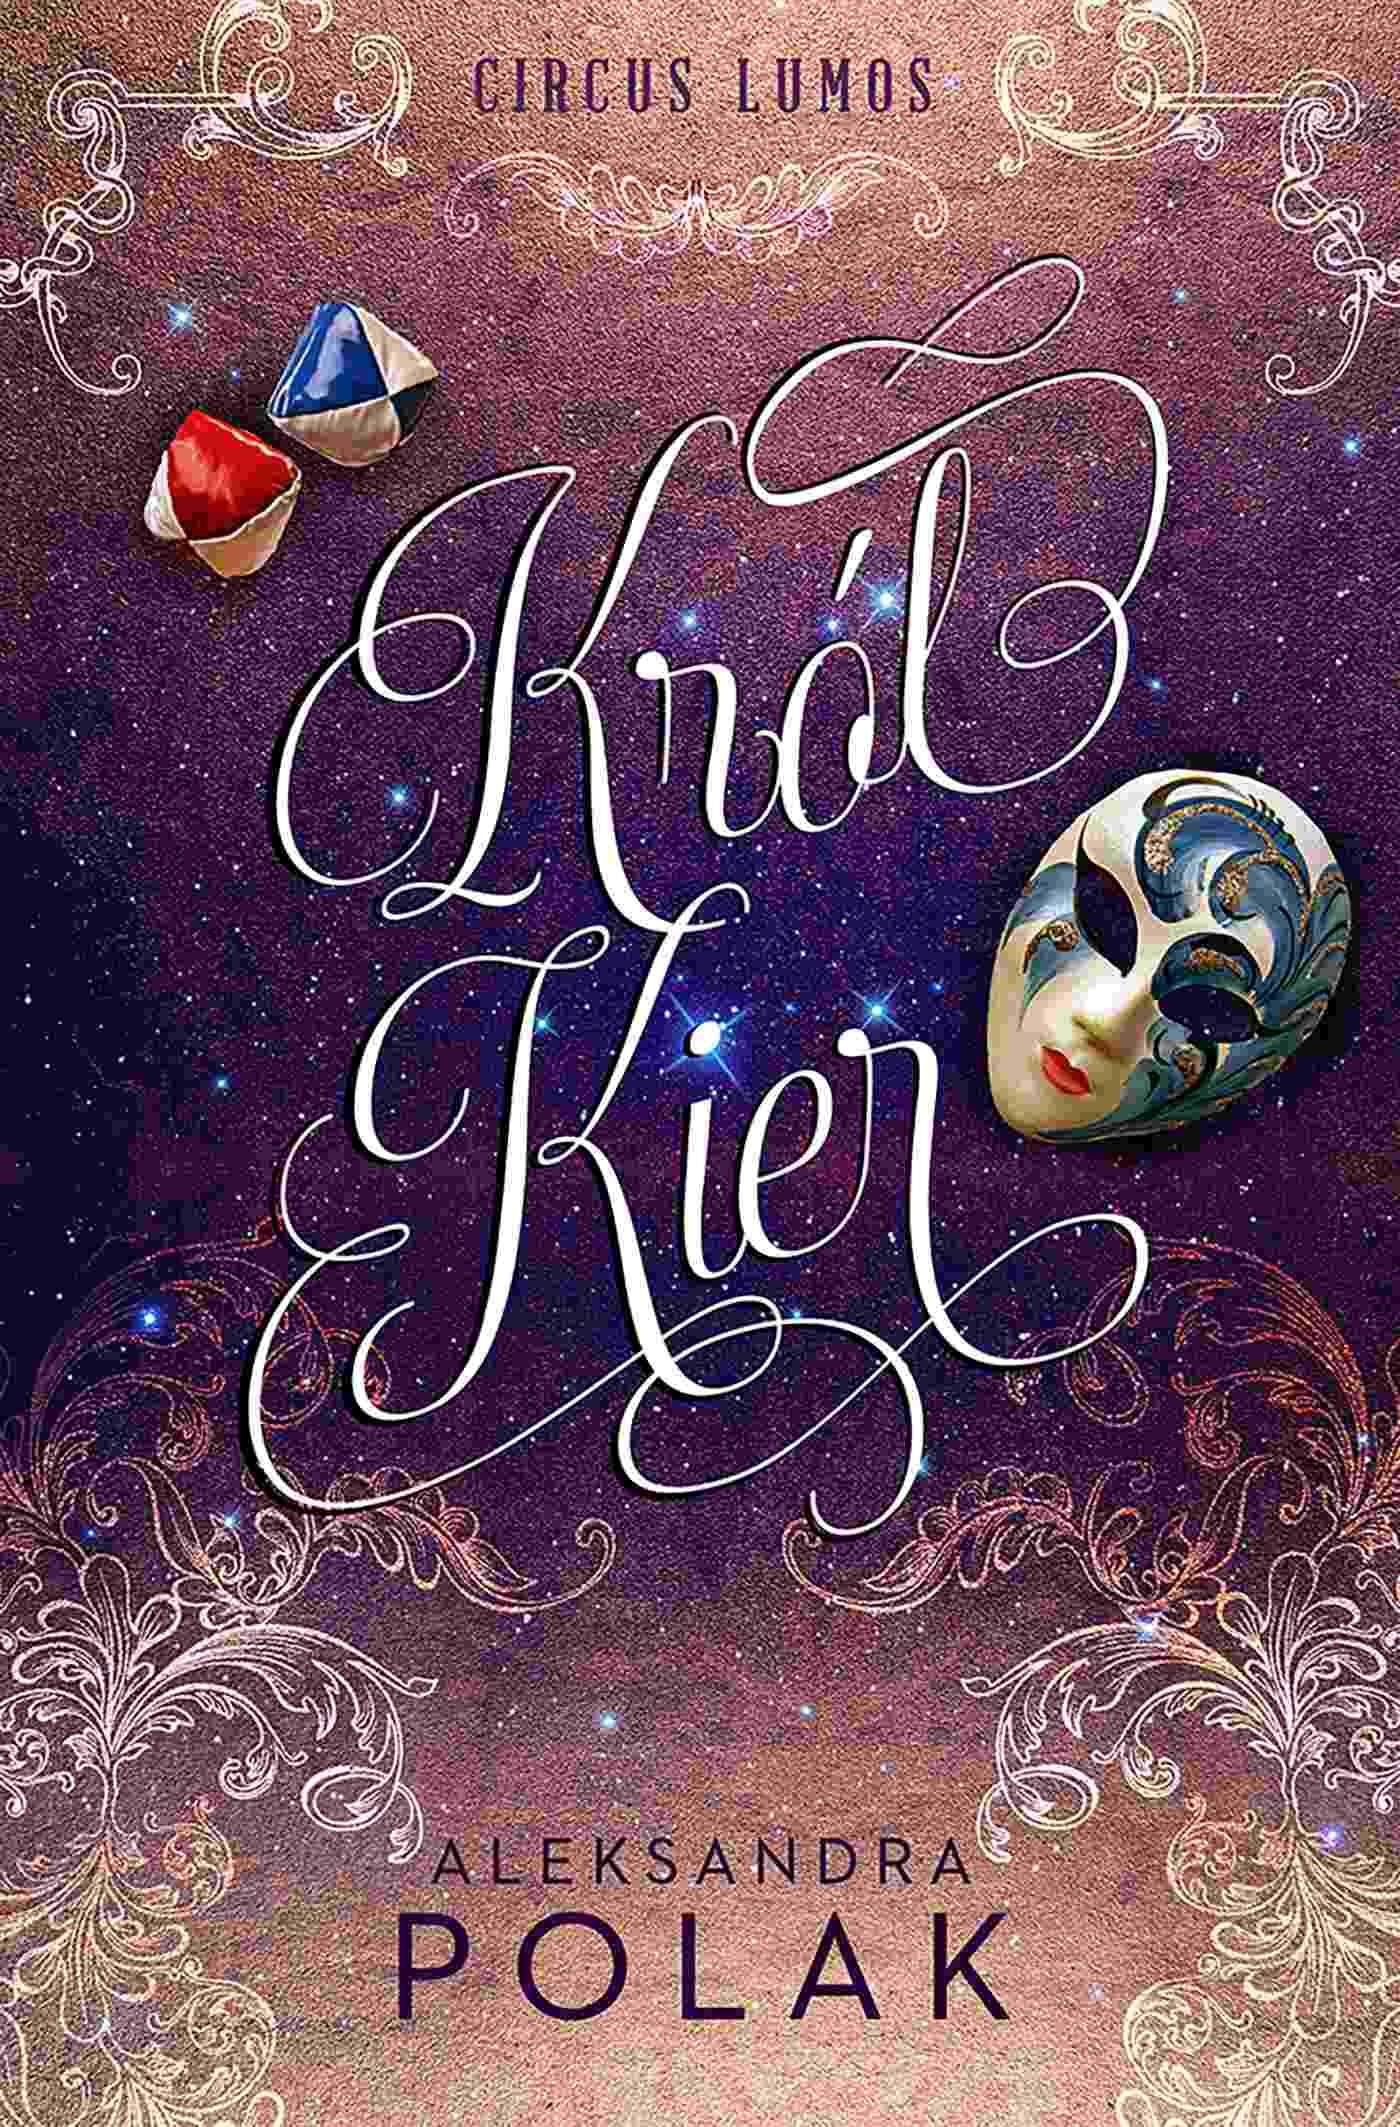 Król kier - Ebook (Książka EPUB) do pobrania w formacie EPUB